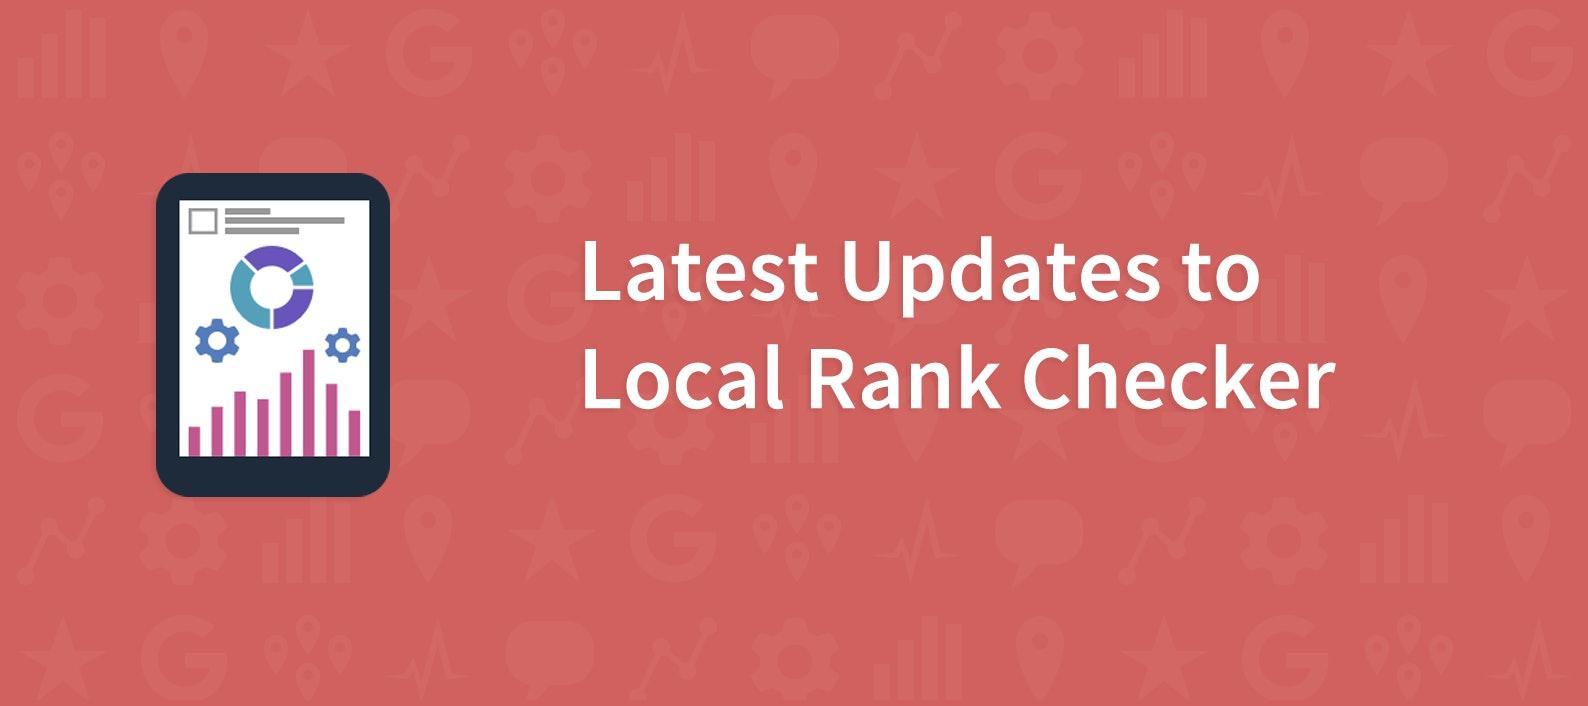 Latest Rank Checker Updates – Q1 2017